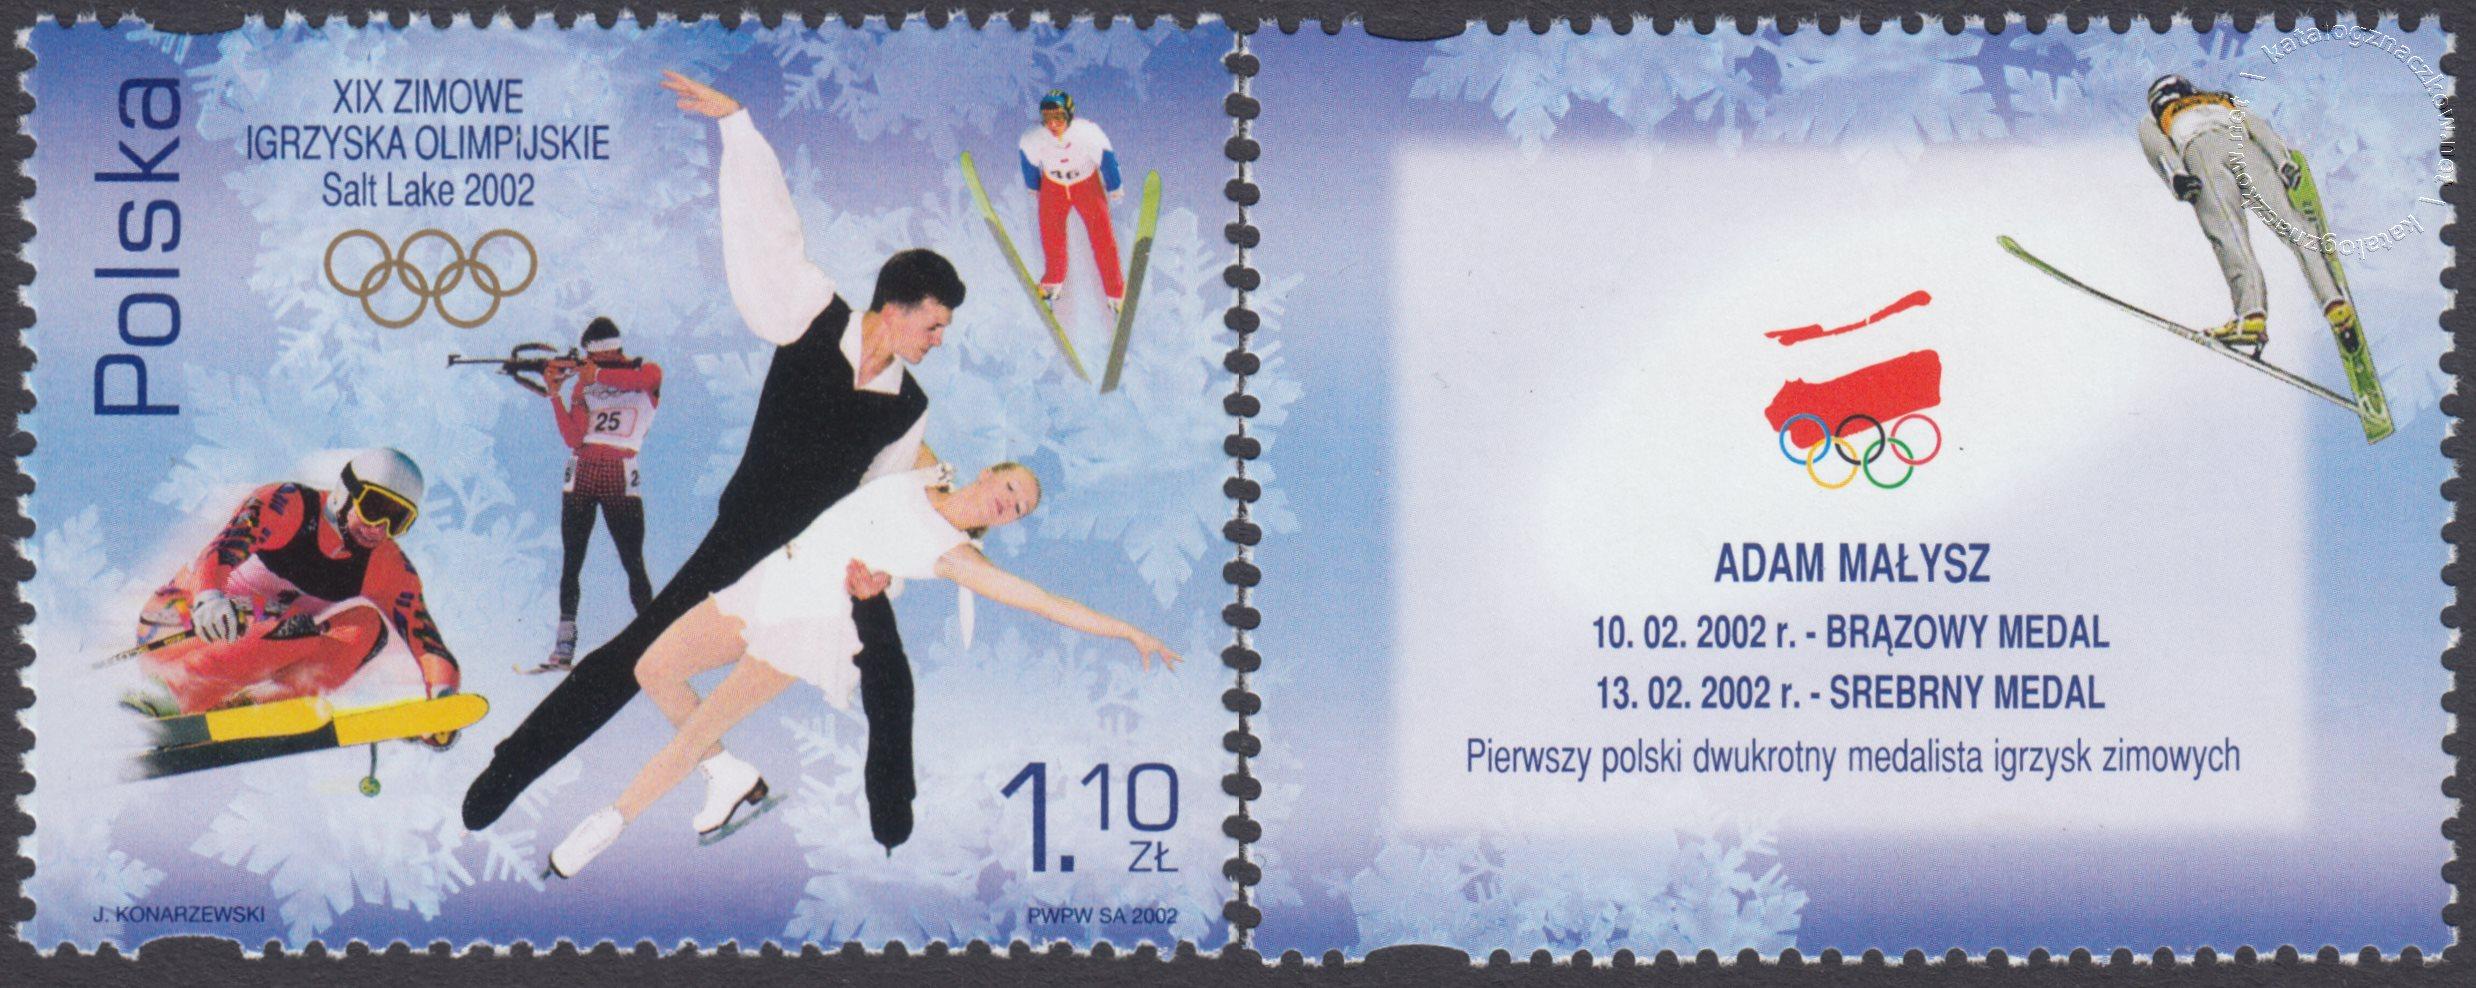 XIX Zimowe Igrzyska Olimpijskie – Salt Lake City 2002 znaczek nr 3802 + przywieszka